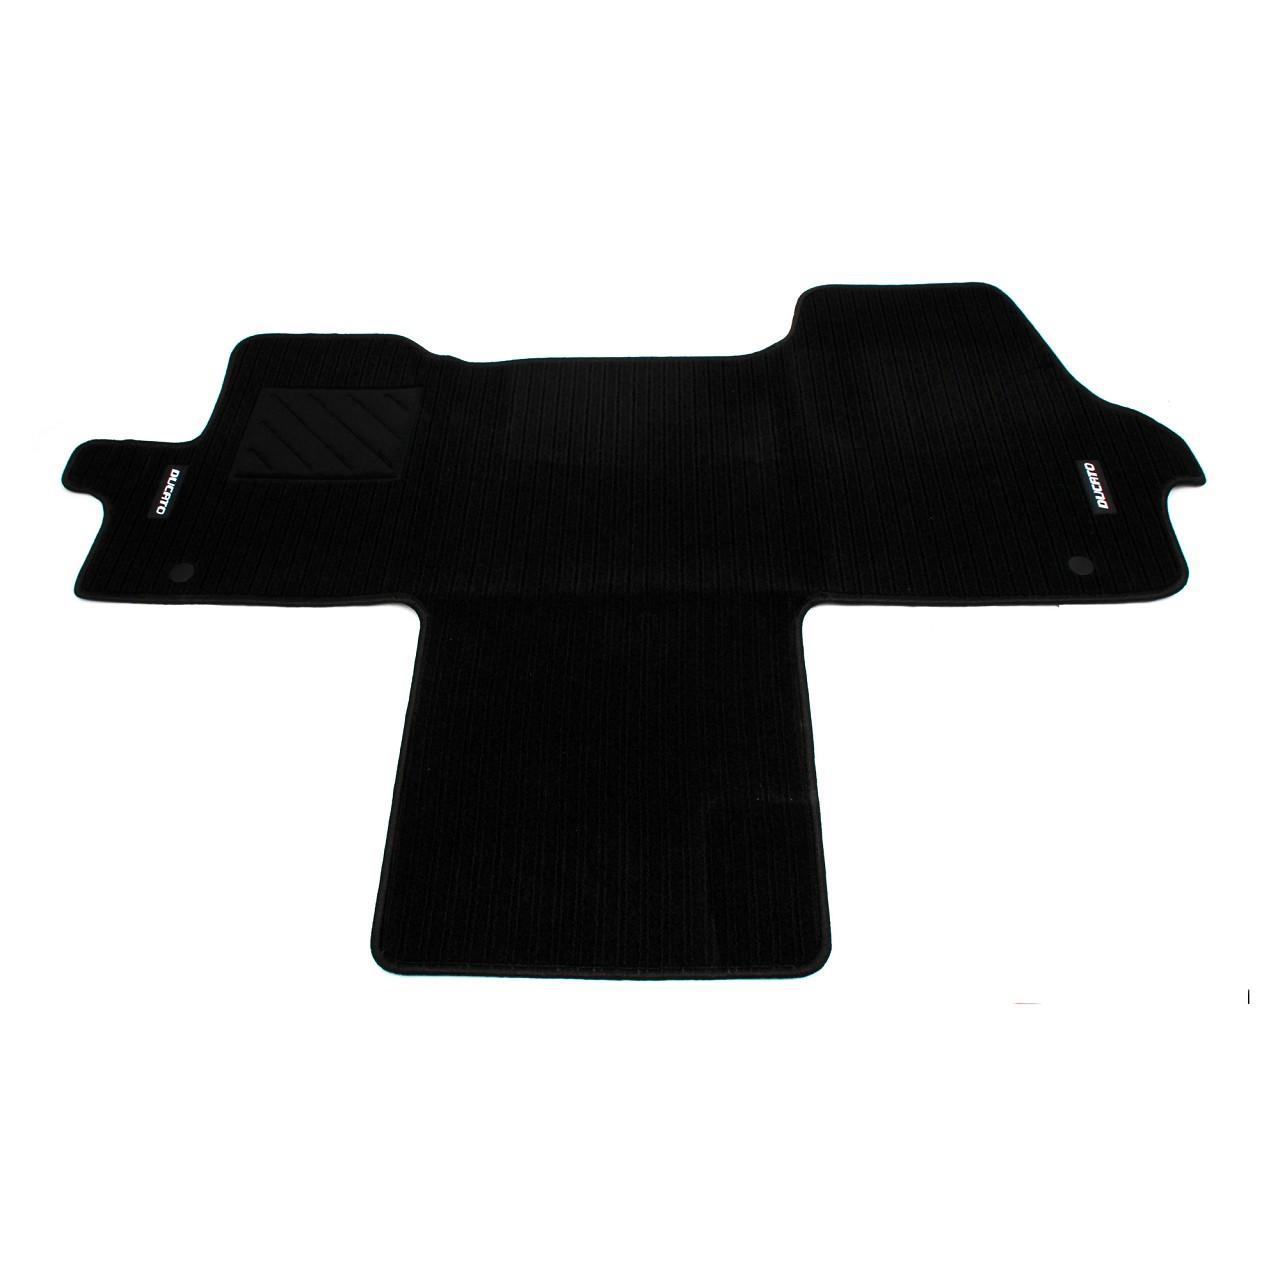 ORIGINAL Fiat Textilmatte Fußmatte Wohnmobil 71807936 für DUCATO (250 290)